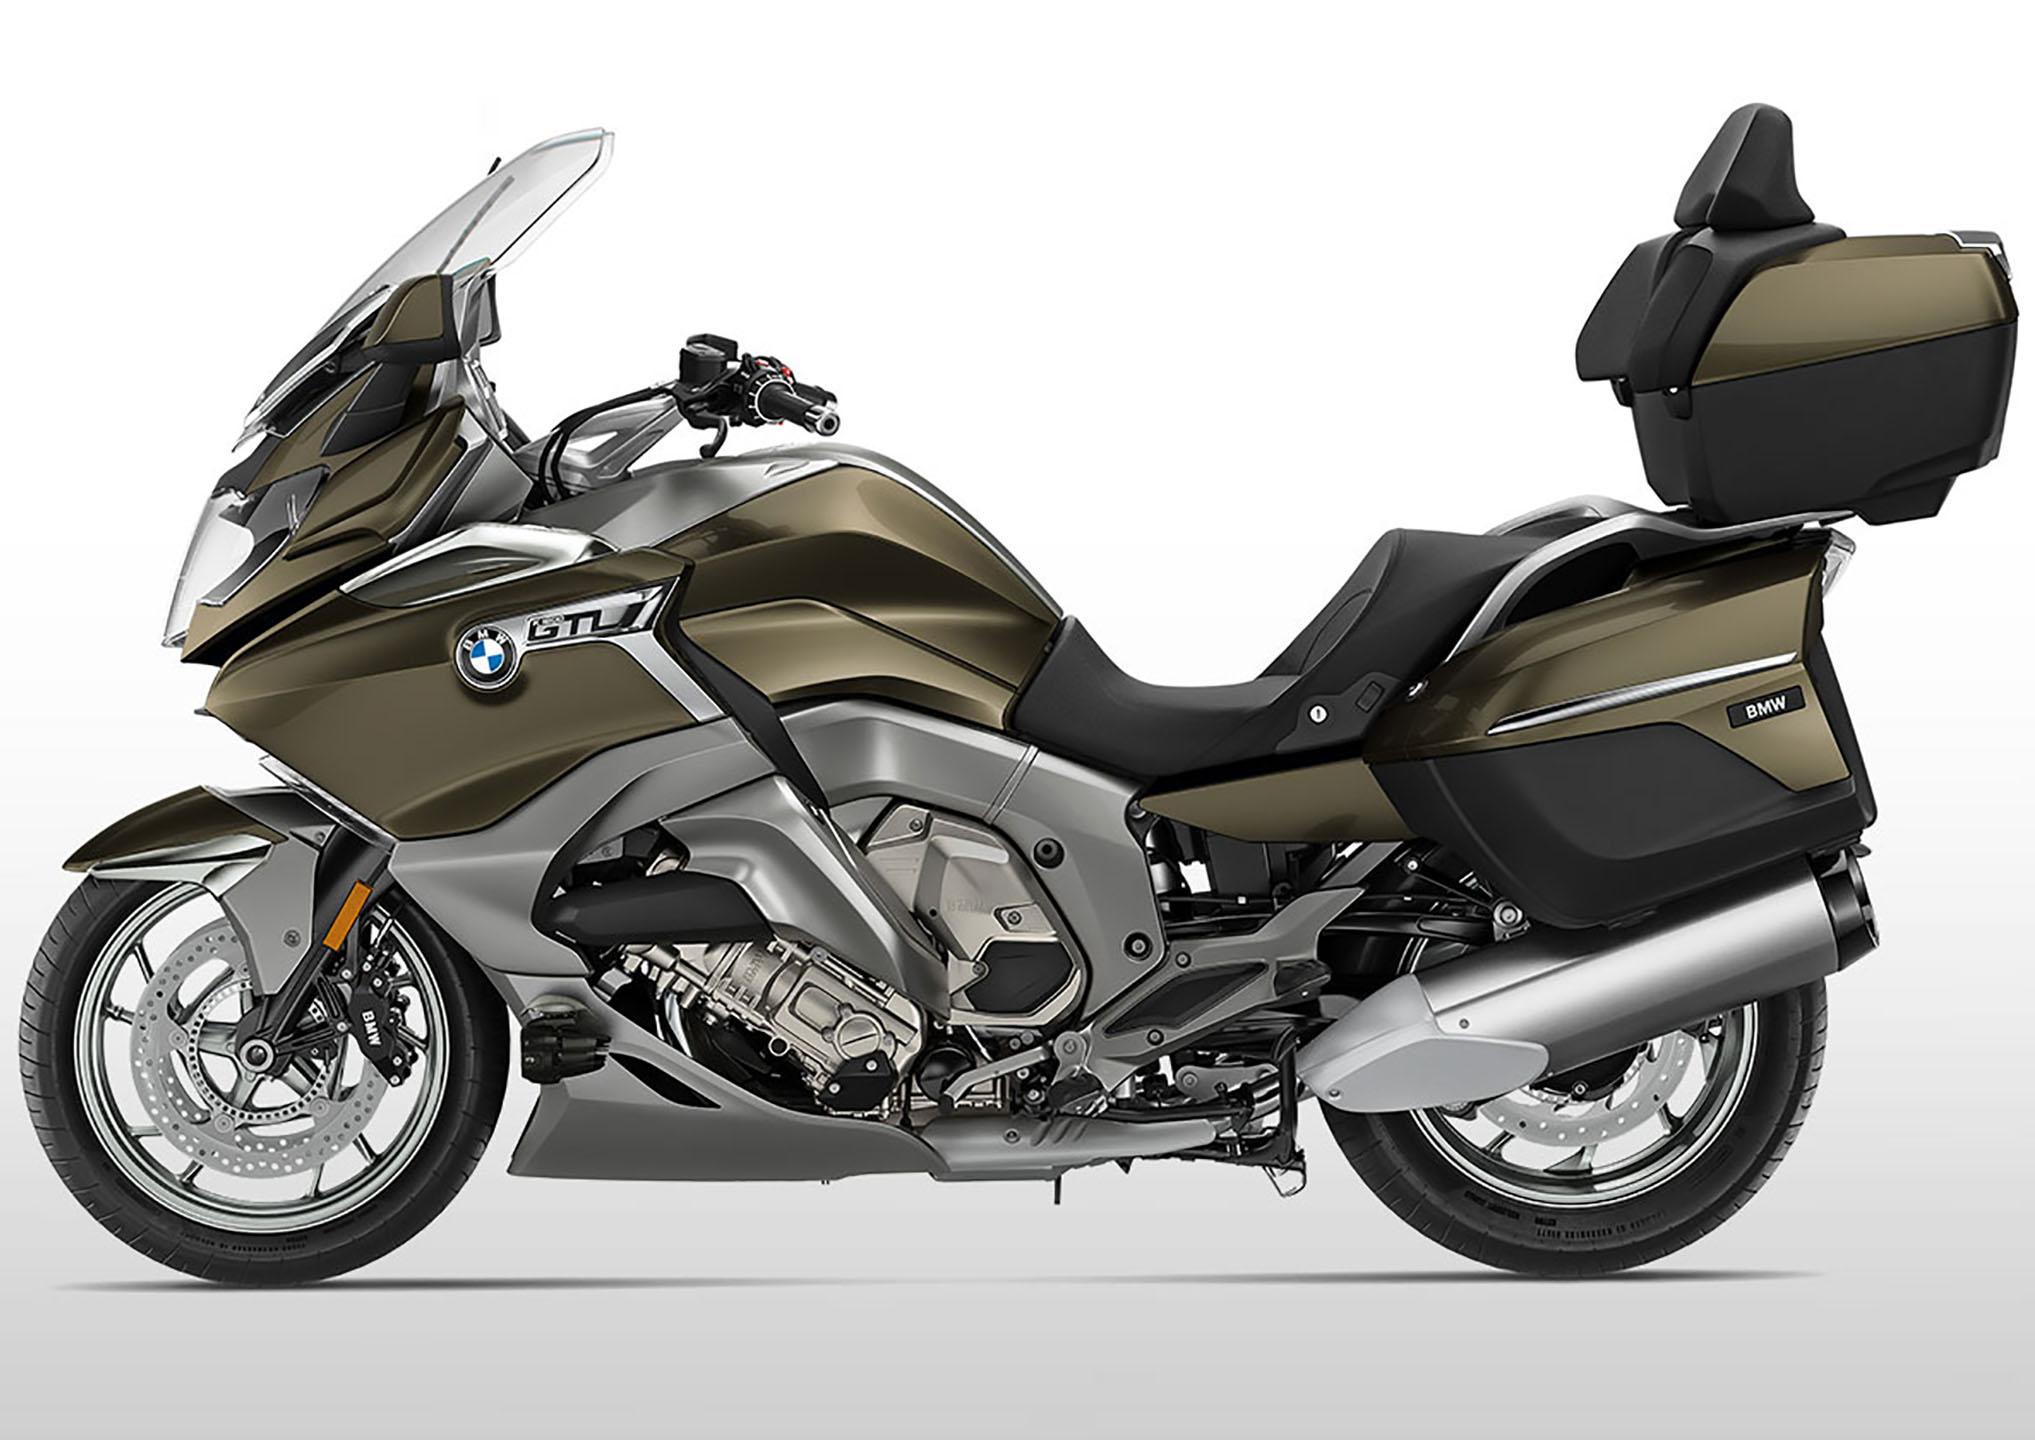 bmw-motorrad-k-1600-gtl